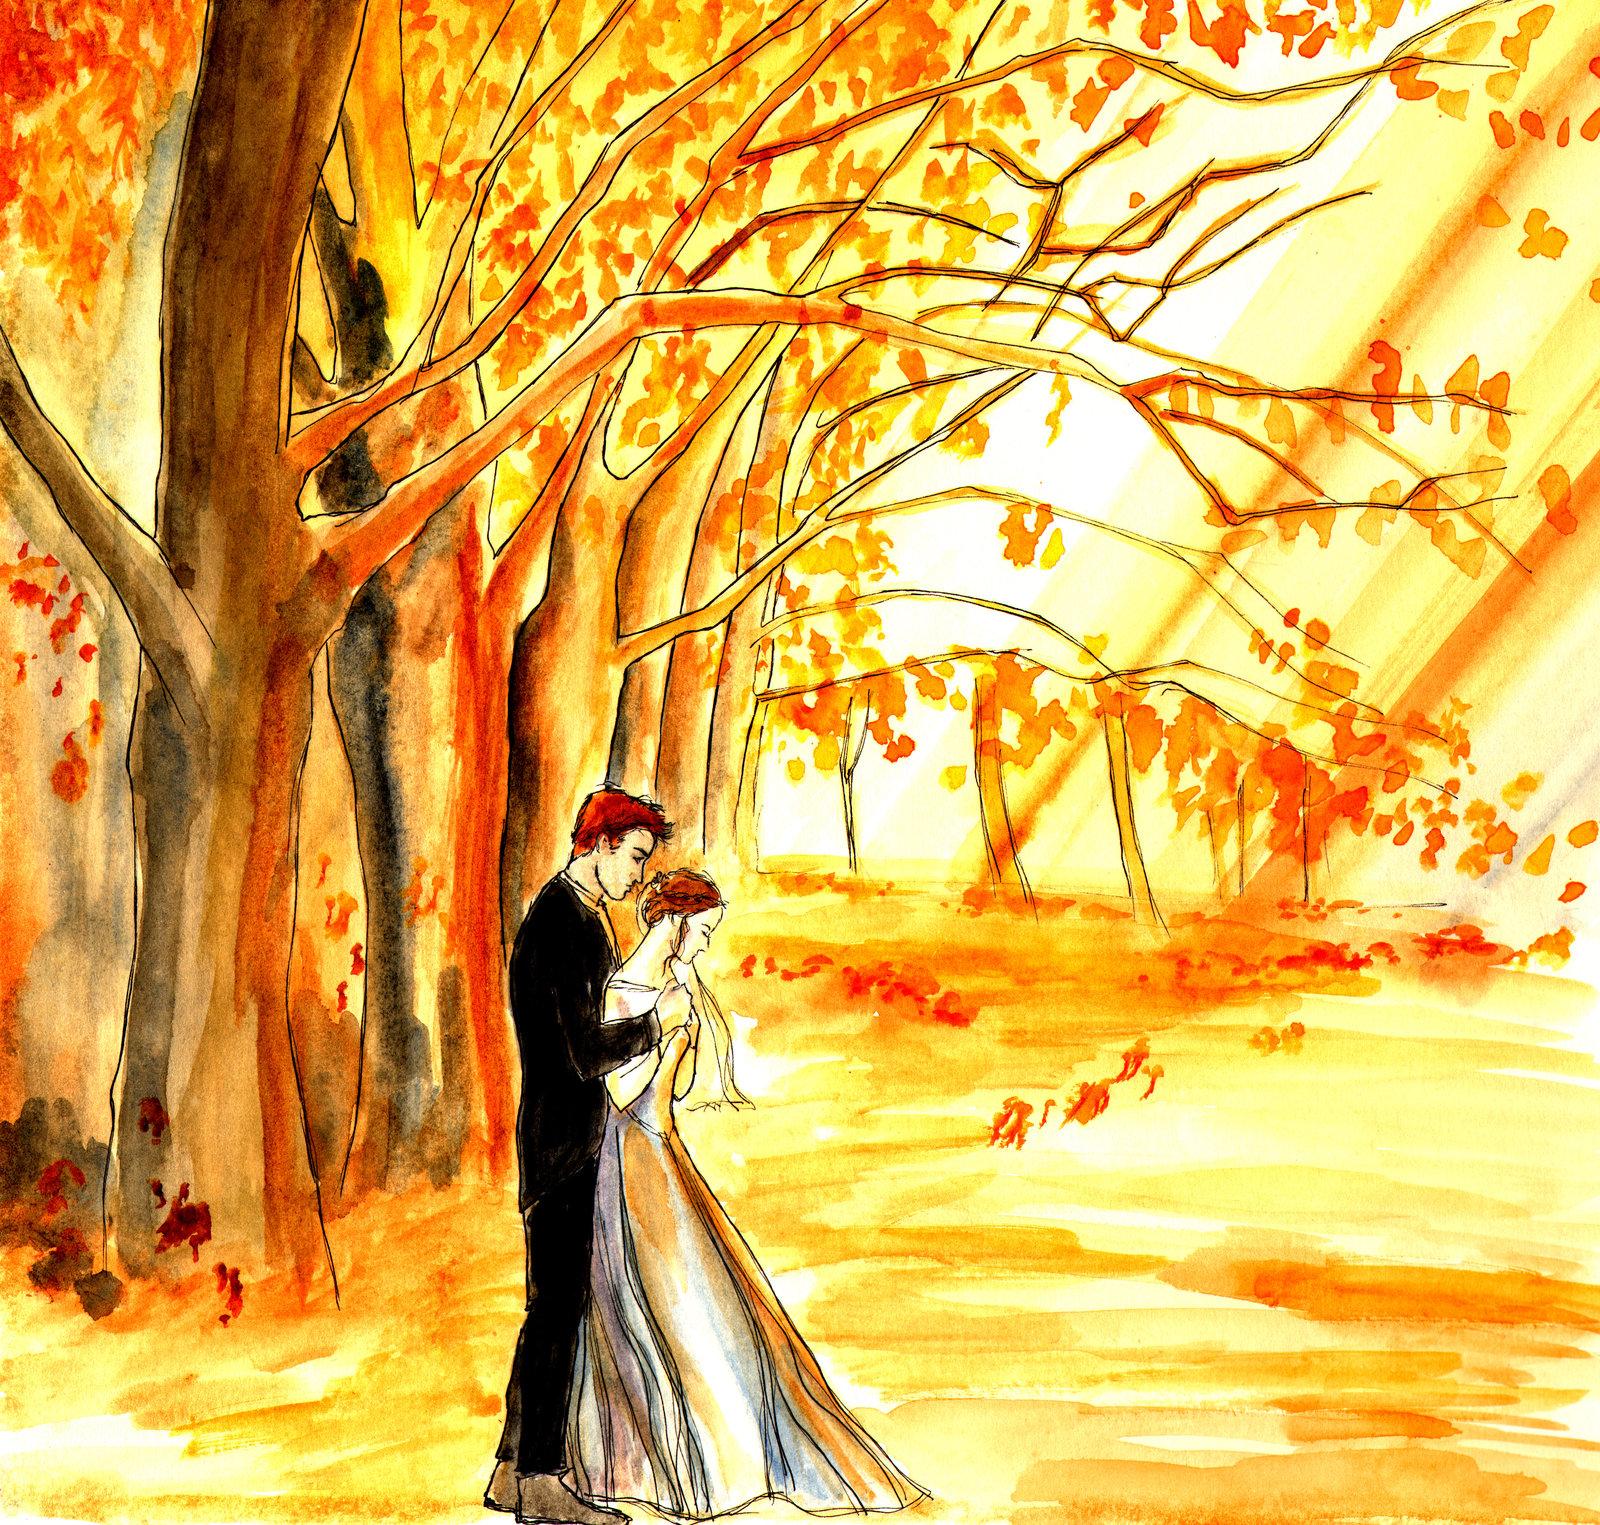 Fall Season Drawing At GetDrawings.com